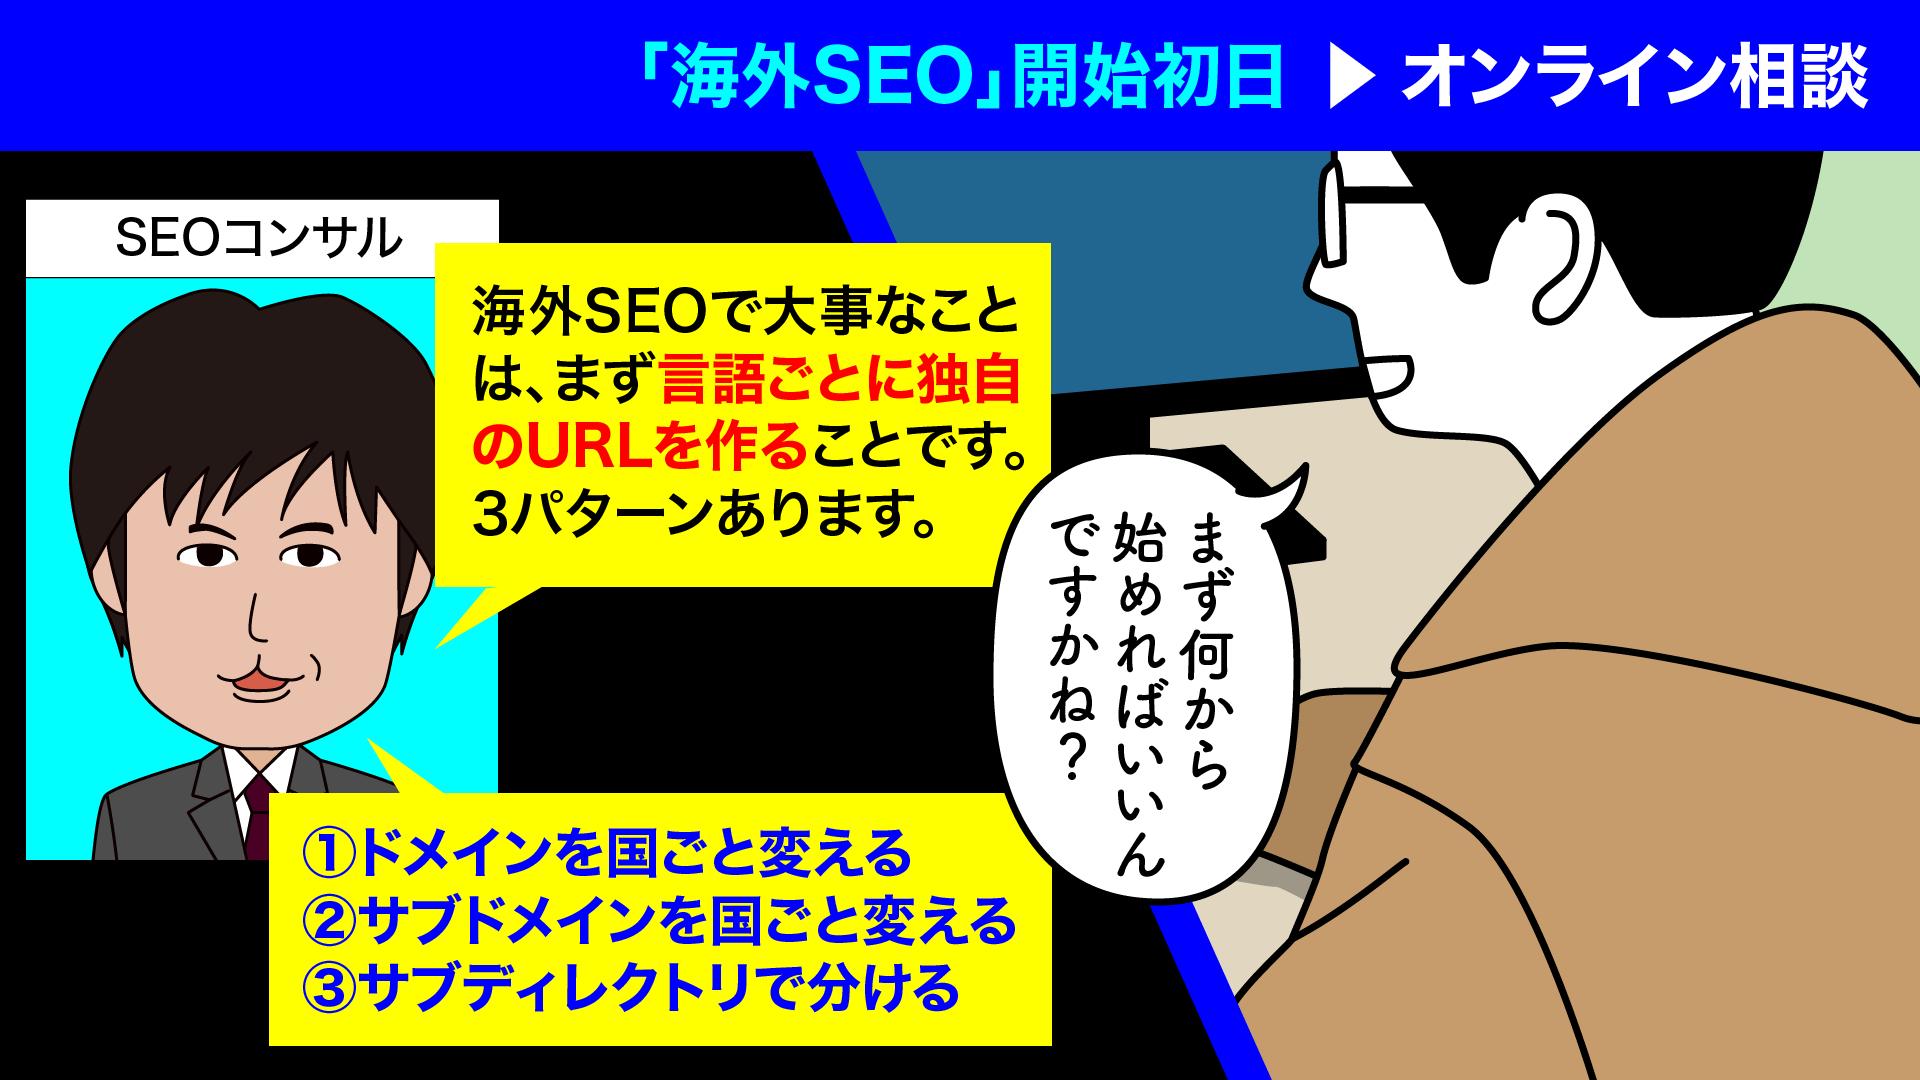 海外SEO-SEO対策漫画②